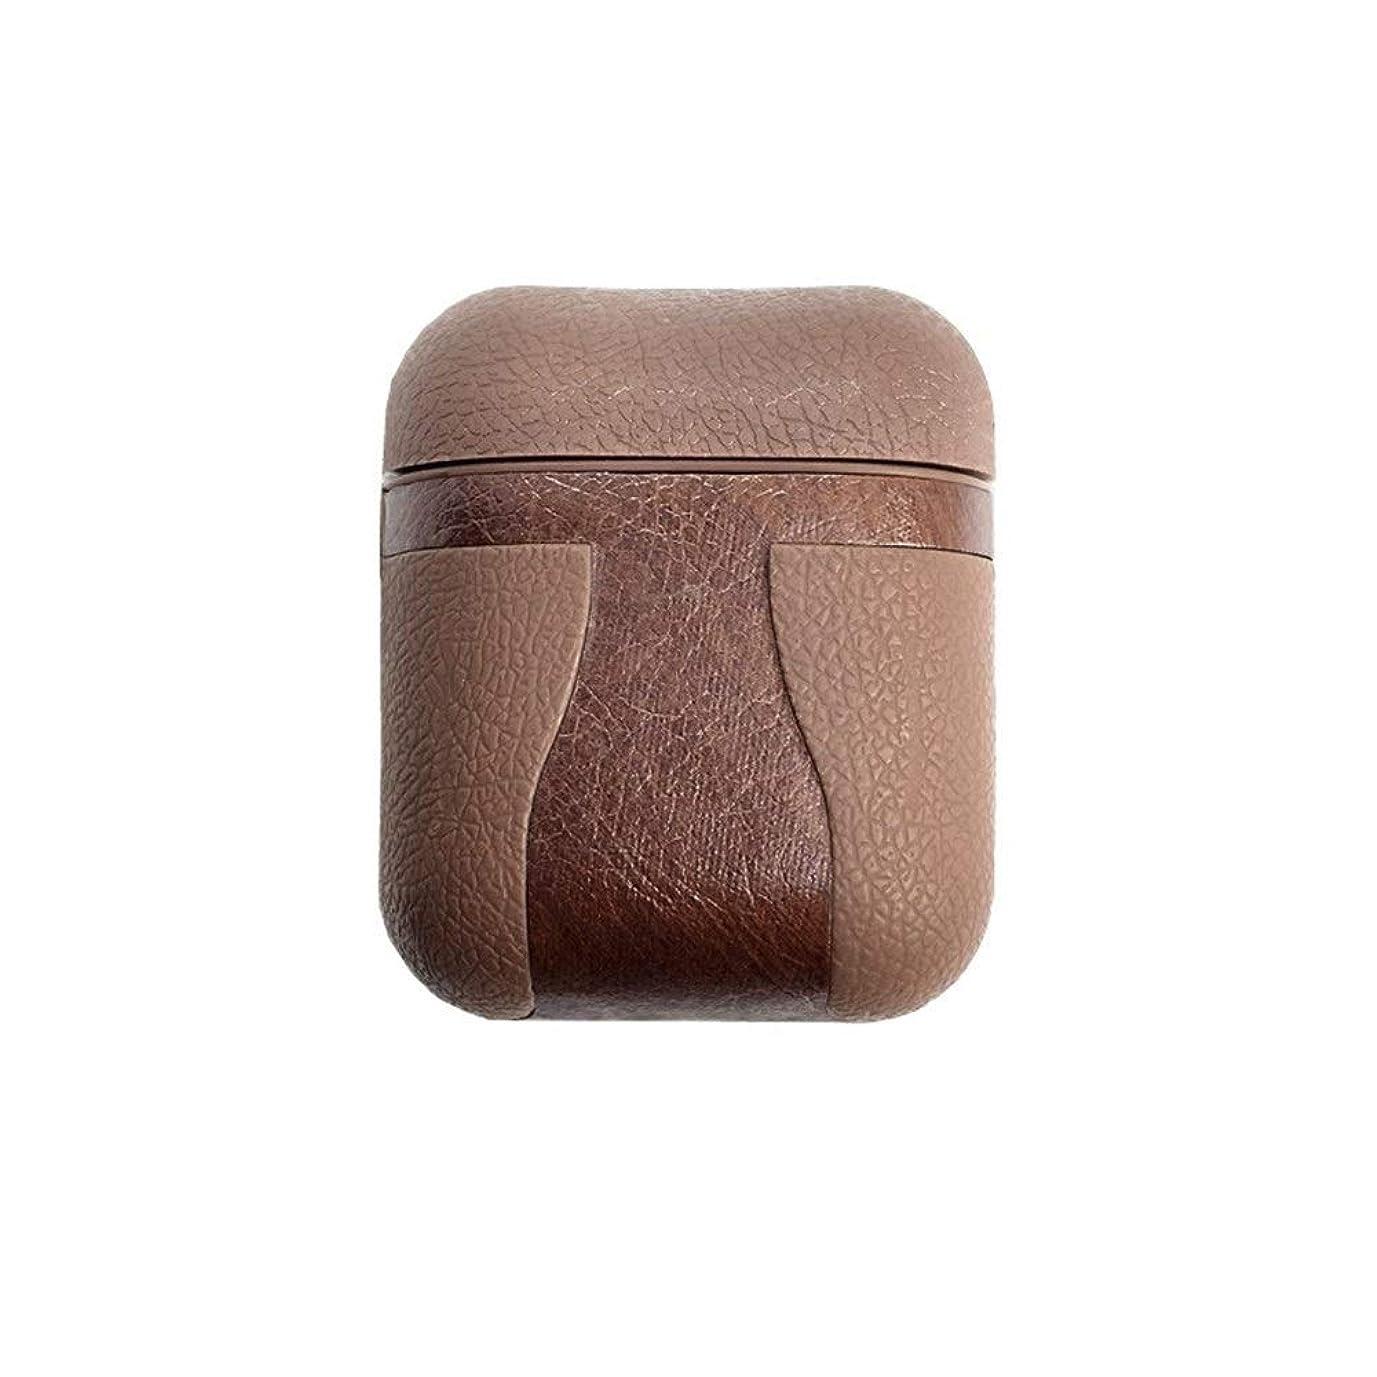 トンから聞くスラックSHENGSHIHUIZHONG ワイヤレスBluetoothヘッドセット用Airpodsレザーケース、保護ケース、レザーTpuイヤホンカバー (Color : Brown)